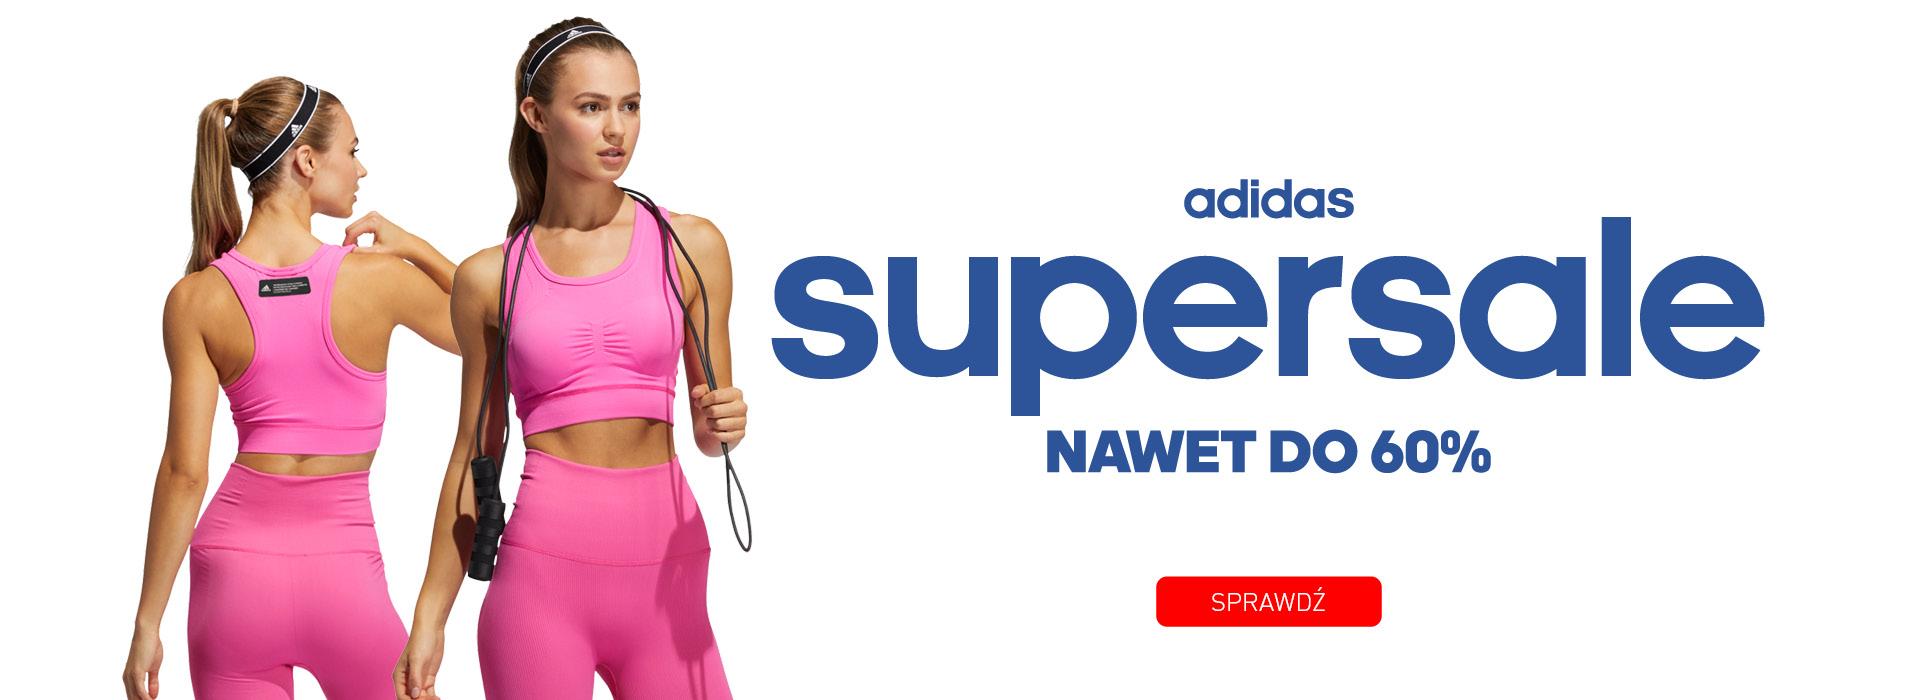 Adrenaline: wyprzedaż do 60% rabatu na odzież sportową marki adidas